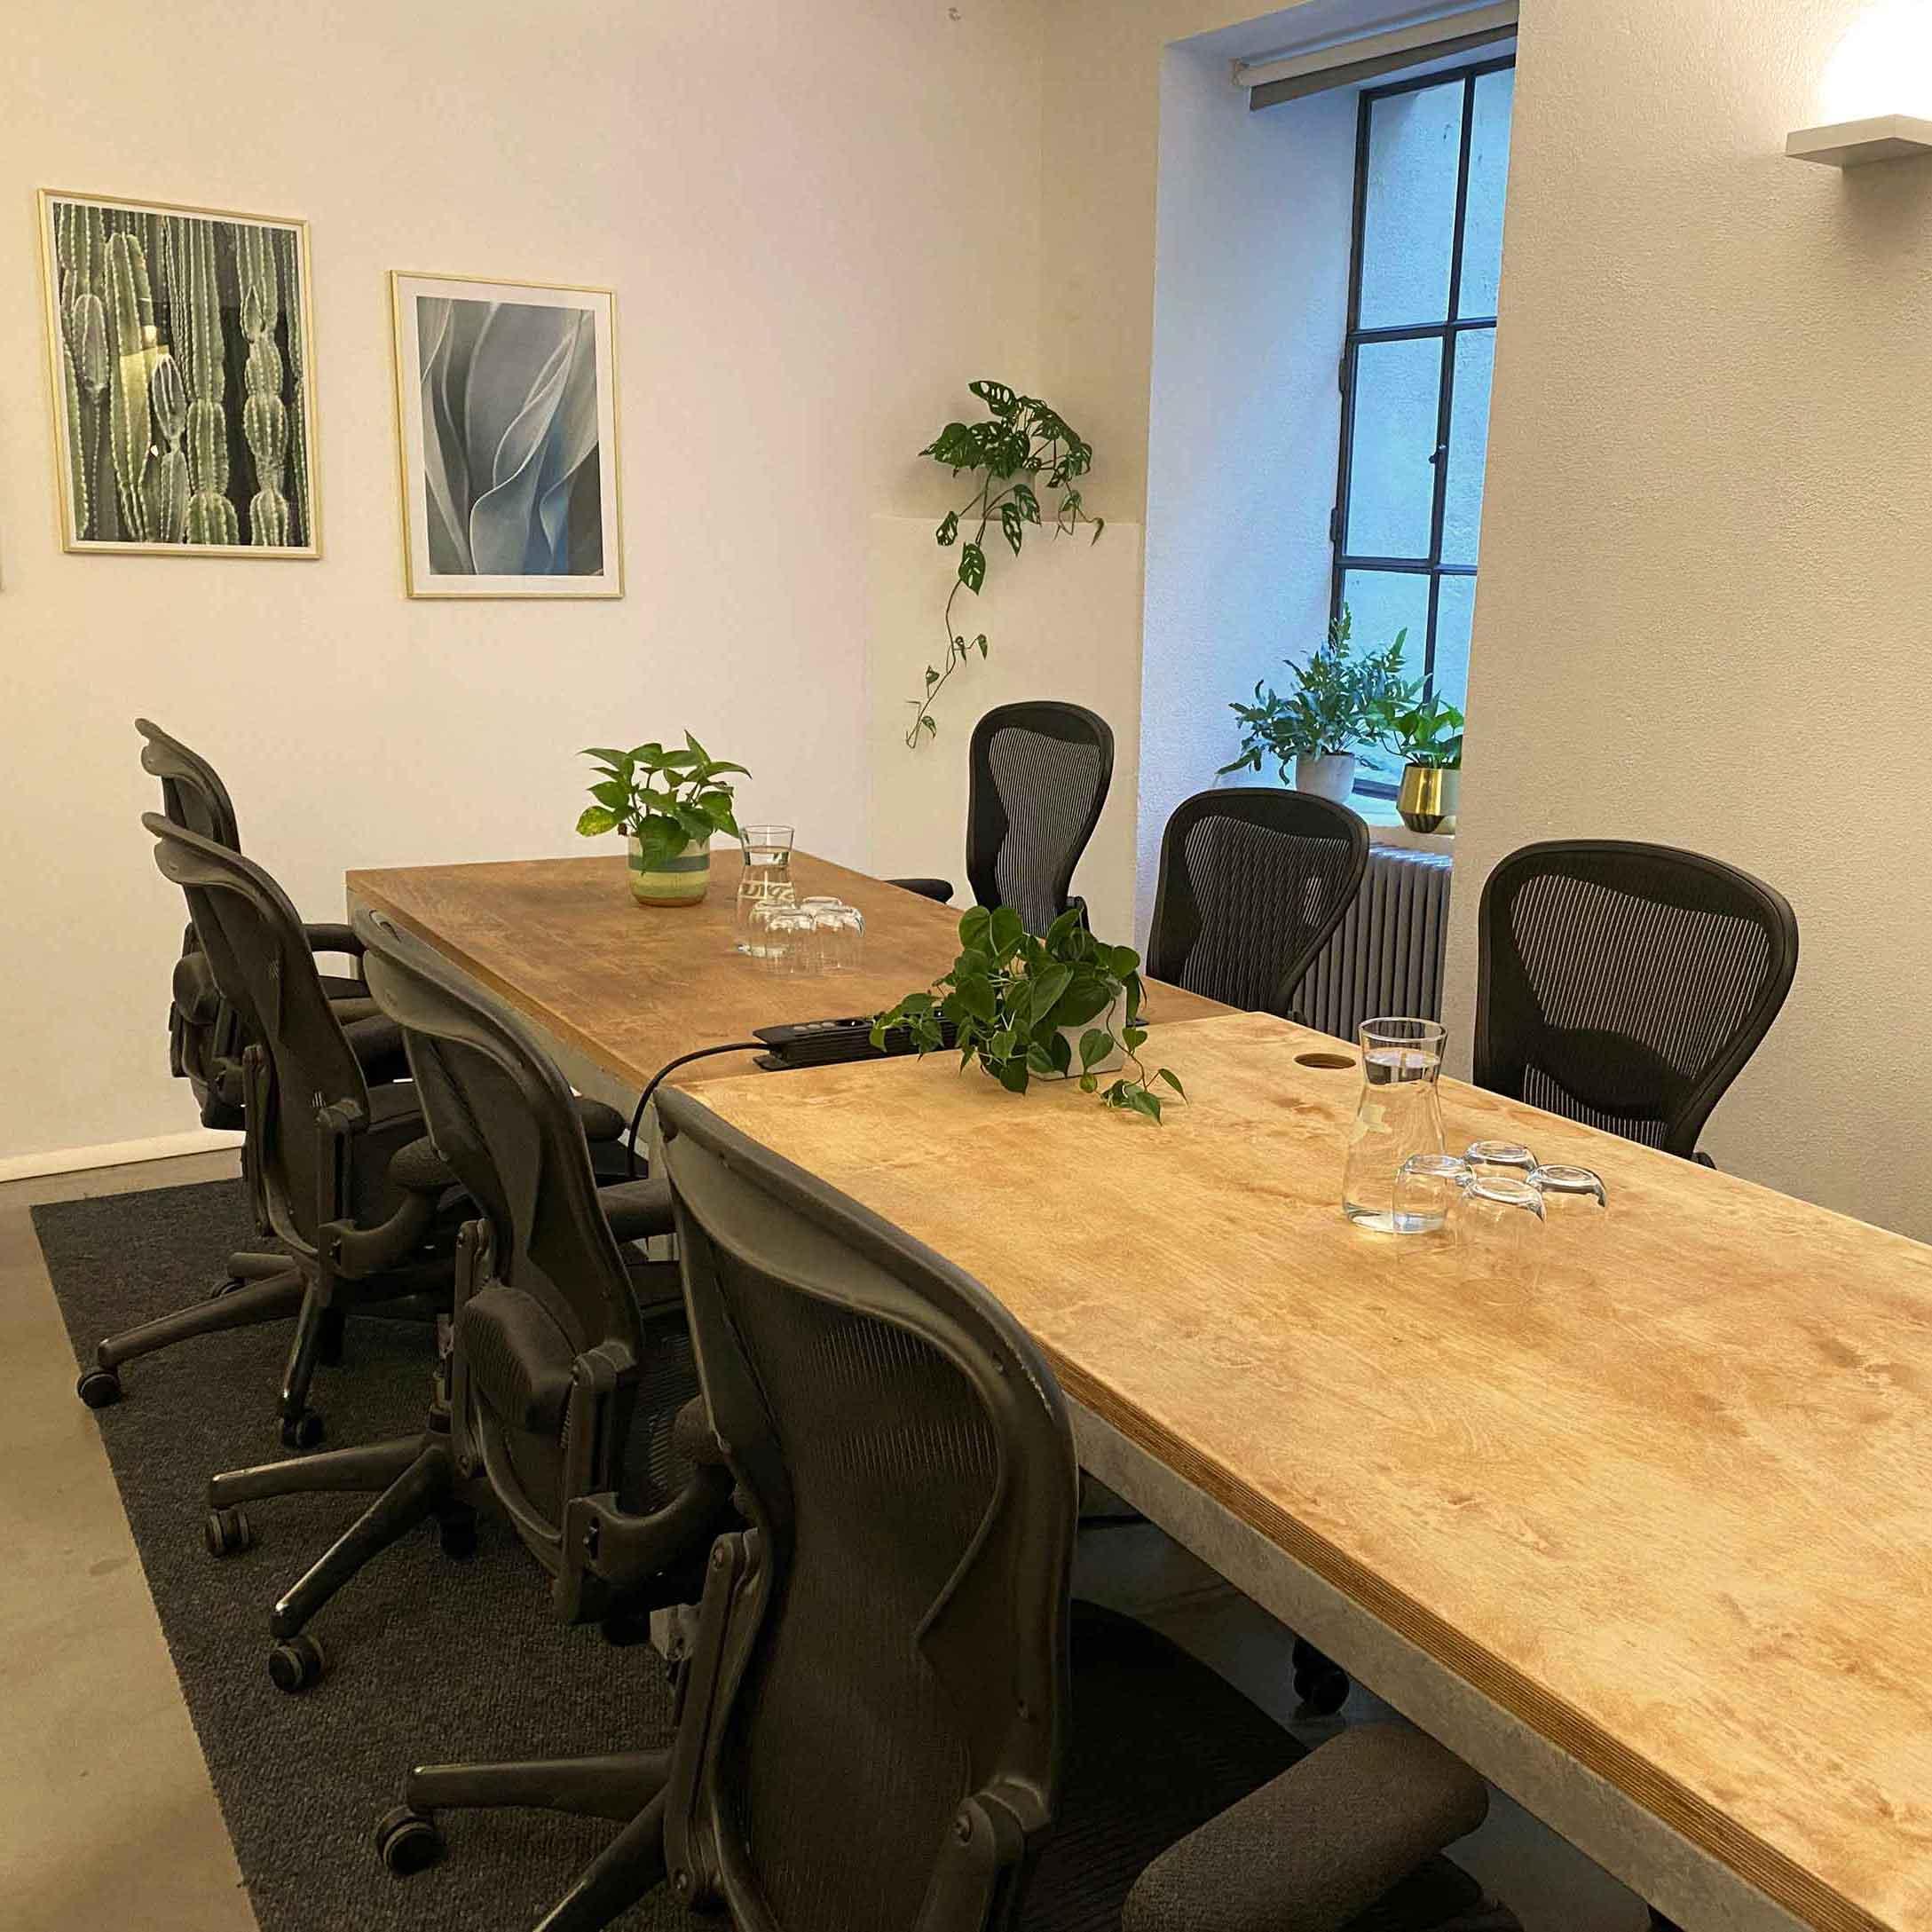 coworking meeting space